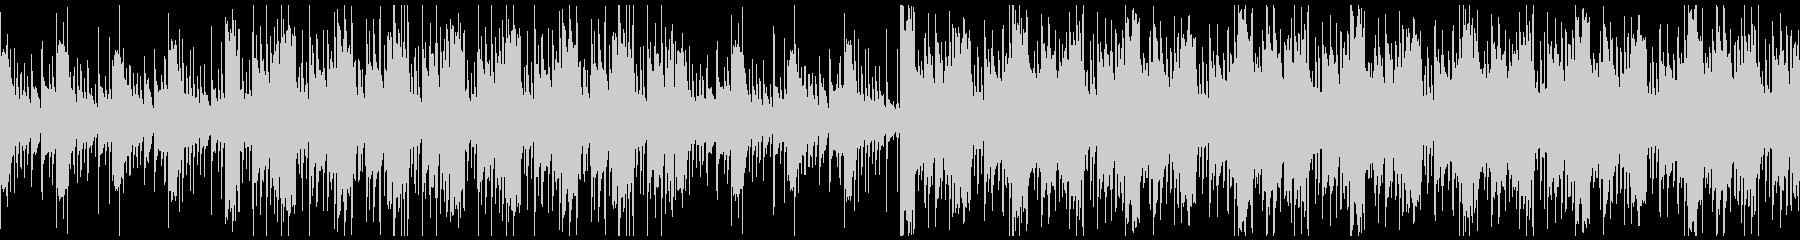 幻想的で民族音楽テイストのアコギBGMの未再生の波形